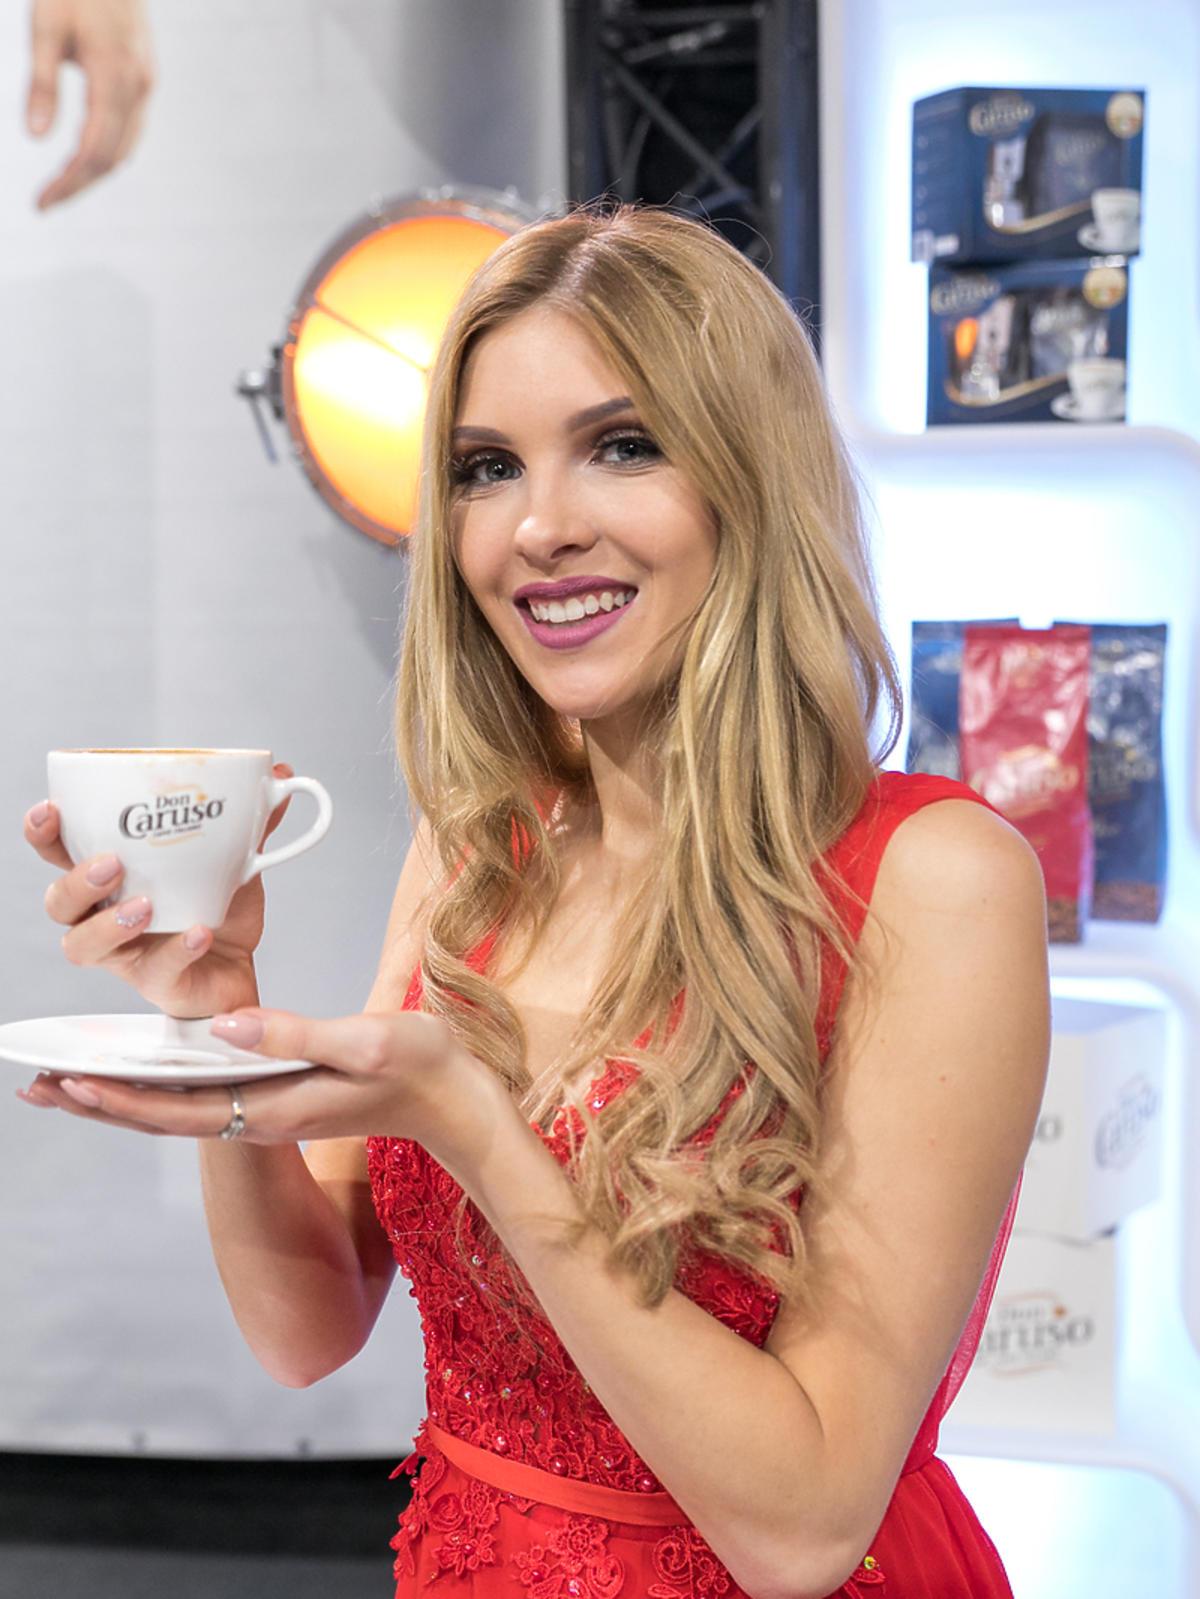 FESTIWAL PIĘKNA 2017 Wśród tych dziewczyn jest nowa Miss Polski!